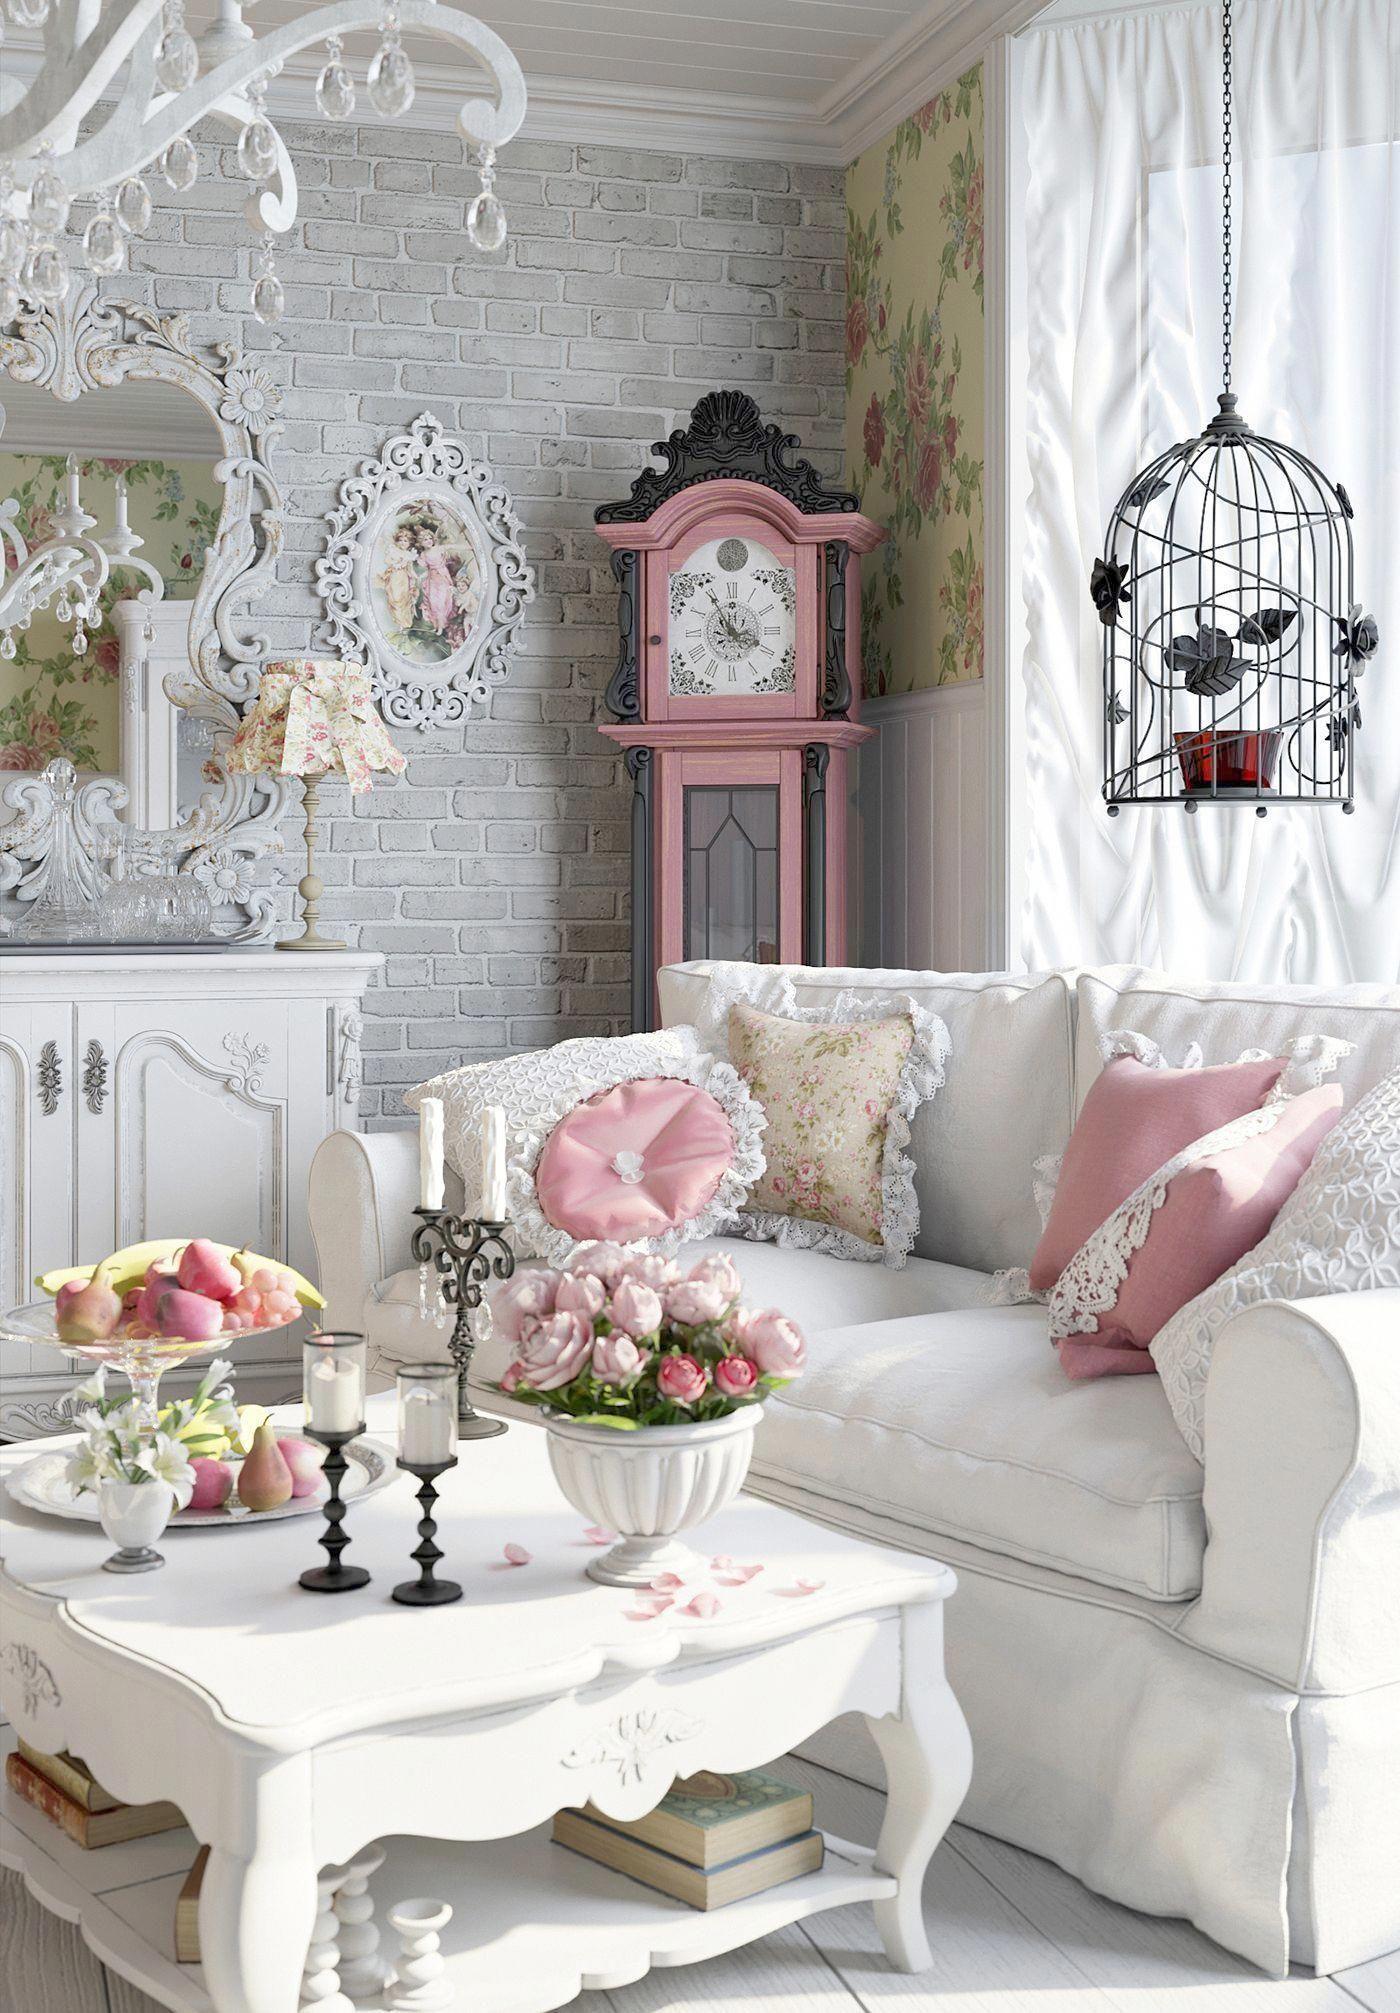 Deko Vintage Garten Luxus Shabby Vintage Shop Oakham Shabby Chic Decor for Living Room